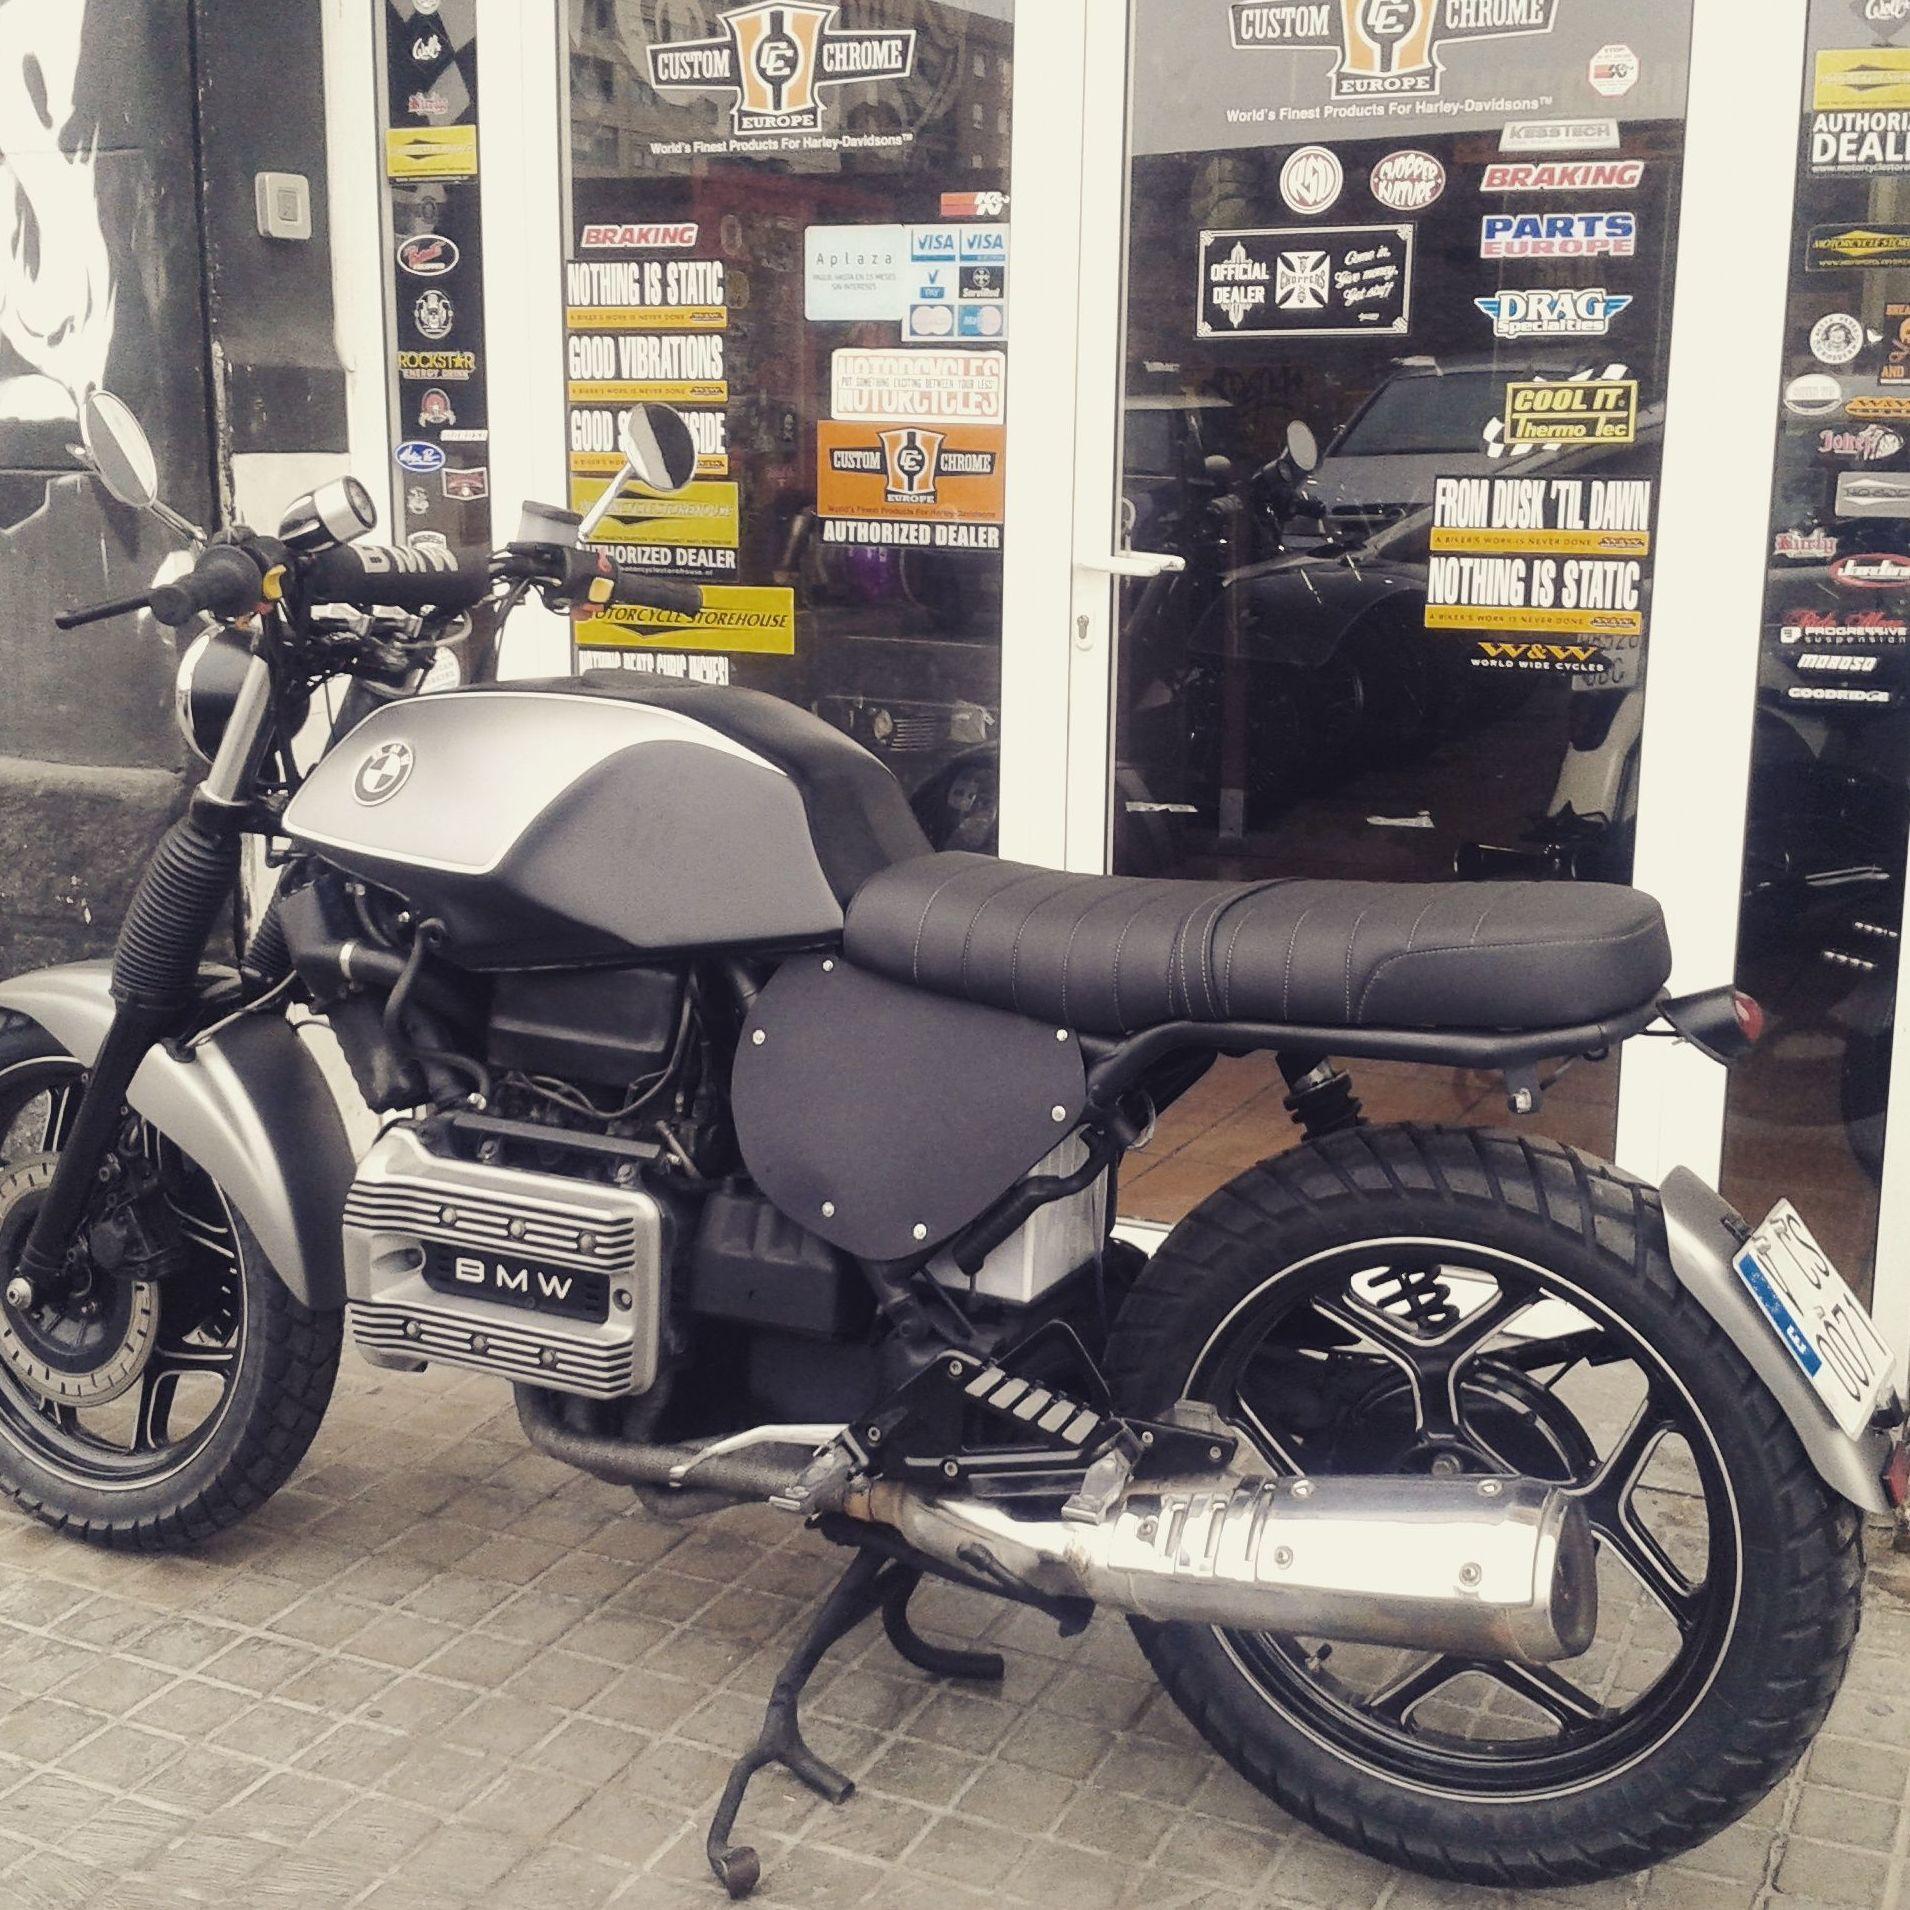 personalización motos, , scrambrer, bmwk75, motos custom en valencia, personalización motos